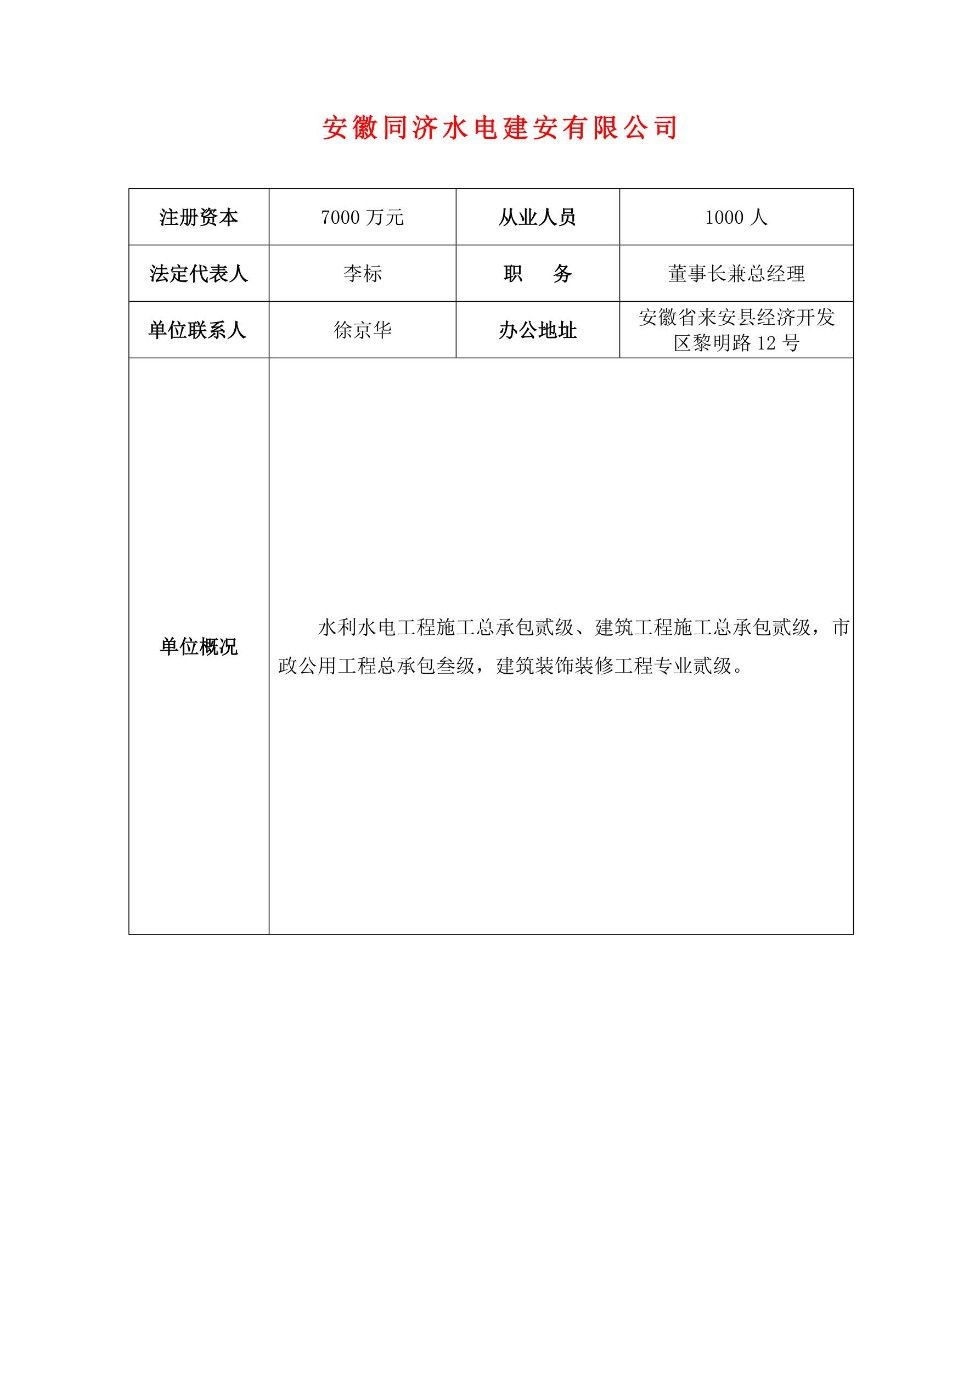 68-安徽同濟水電建安有限公司_1.jpg